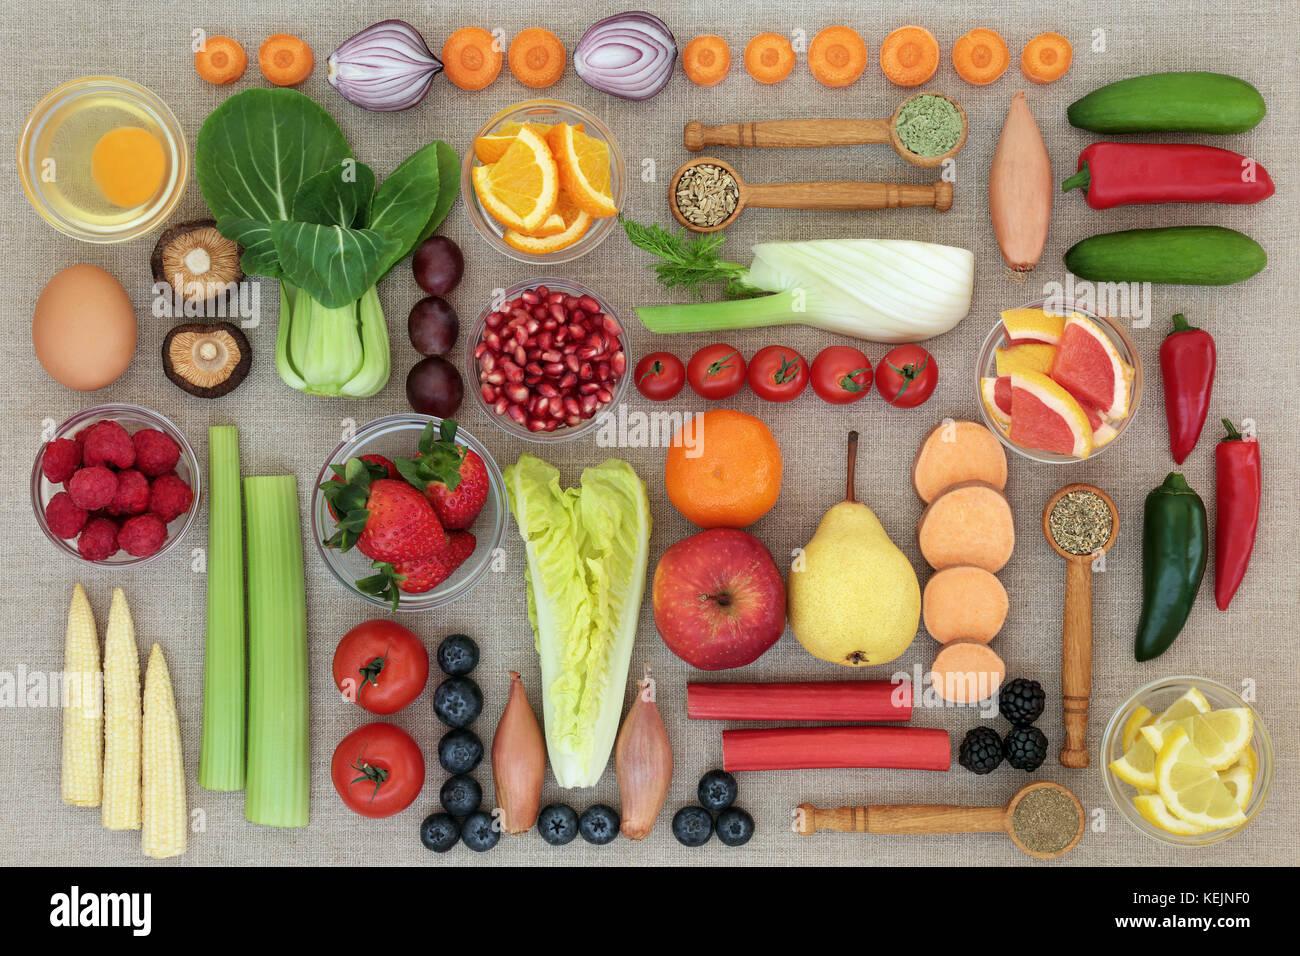 Super cibo per la perdita di peso concetto con frutta, verdure, latticini, integratori nutrizionali alle erbe e Immagini Stock